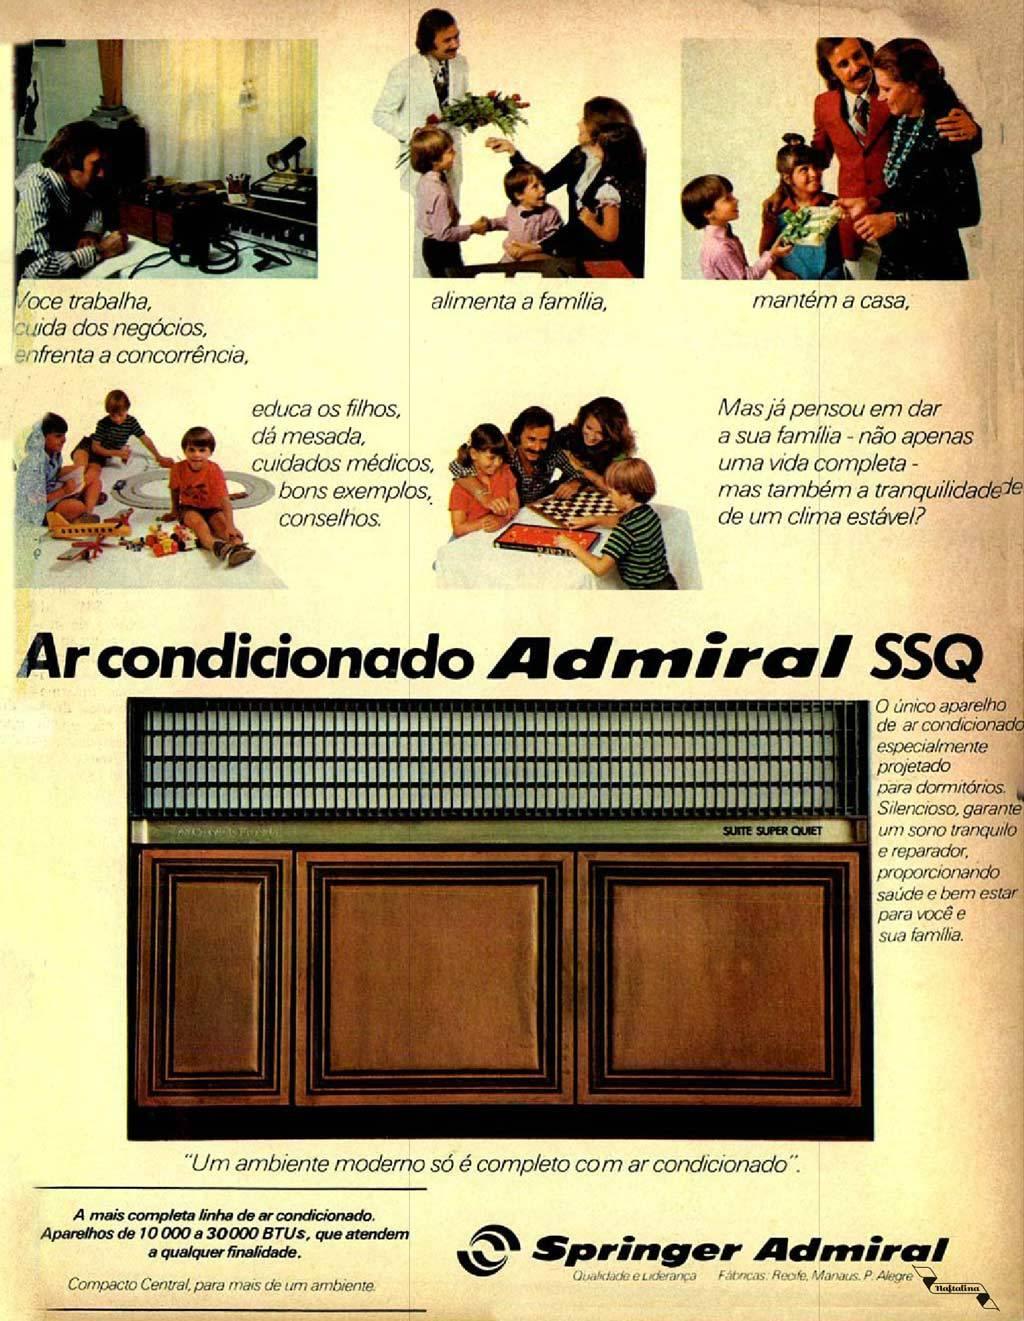 Campanha veiculada nos anos 70 dos benefícios do ar-condicionado no lar